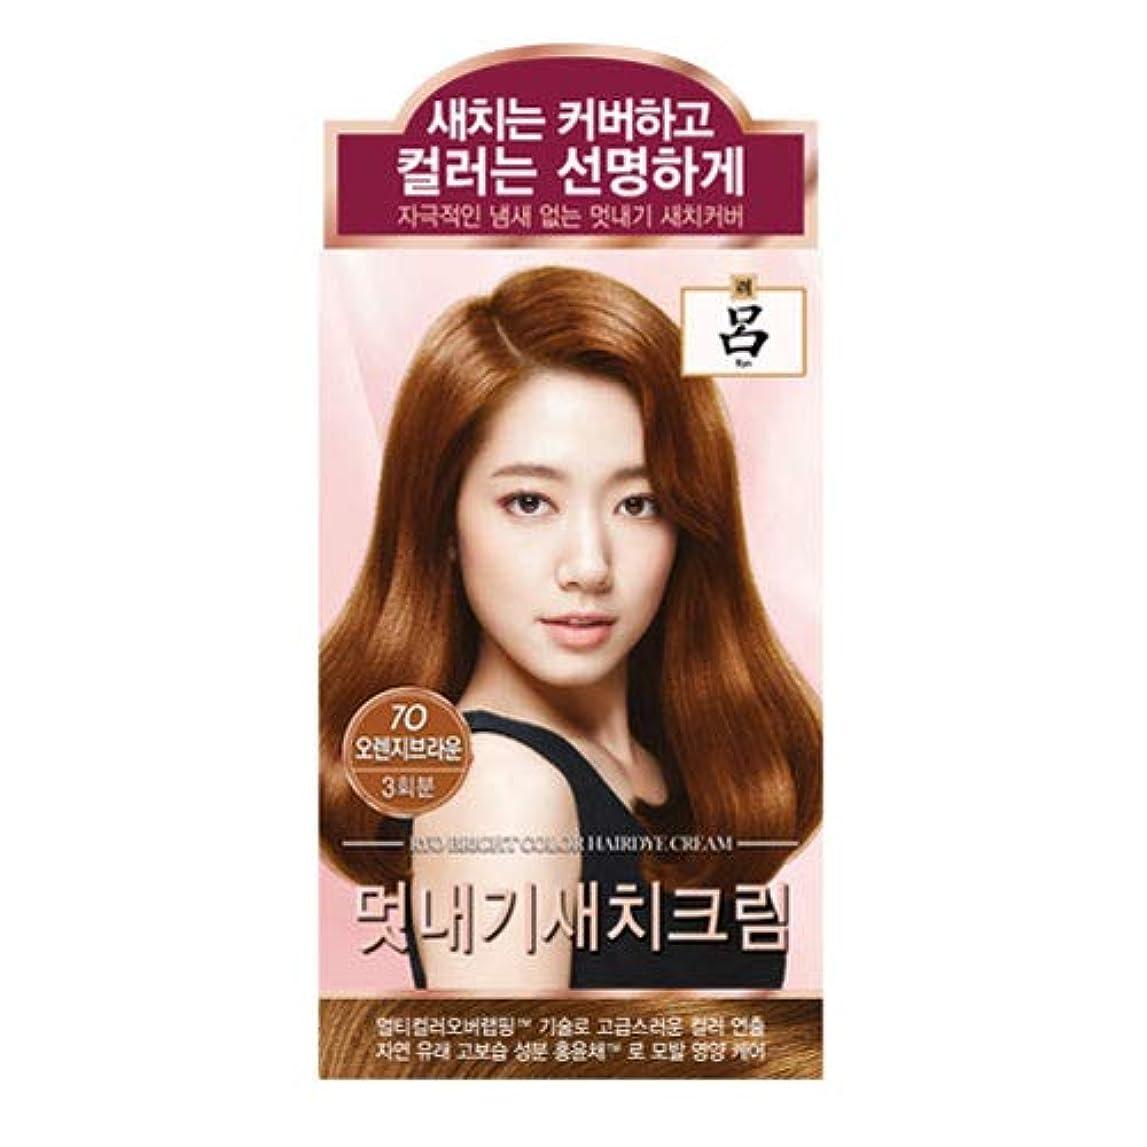 舌債務デクリメントアモーレパシフィック呂[AMOREPACIFIC/Ryo] ブライトカラーヘアアイクリーム 7O オレンジブラウン/Bright Color Hairdye Cream 7O Orange Brown